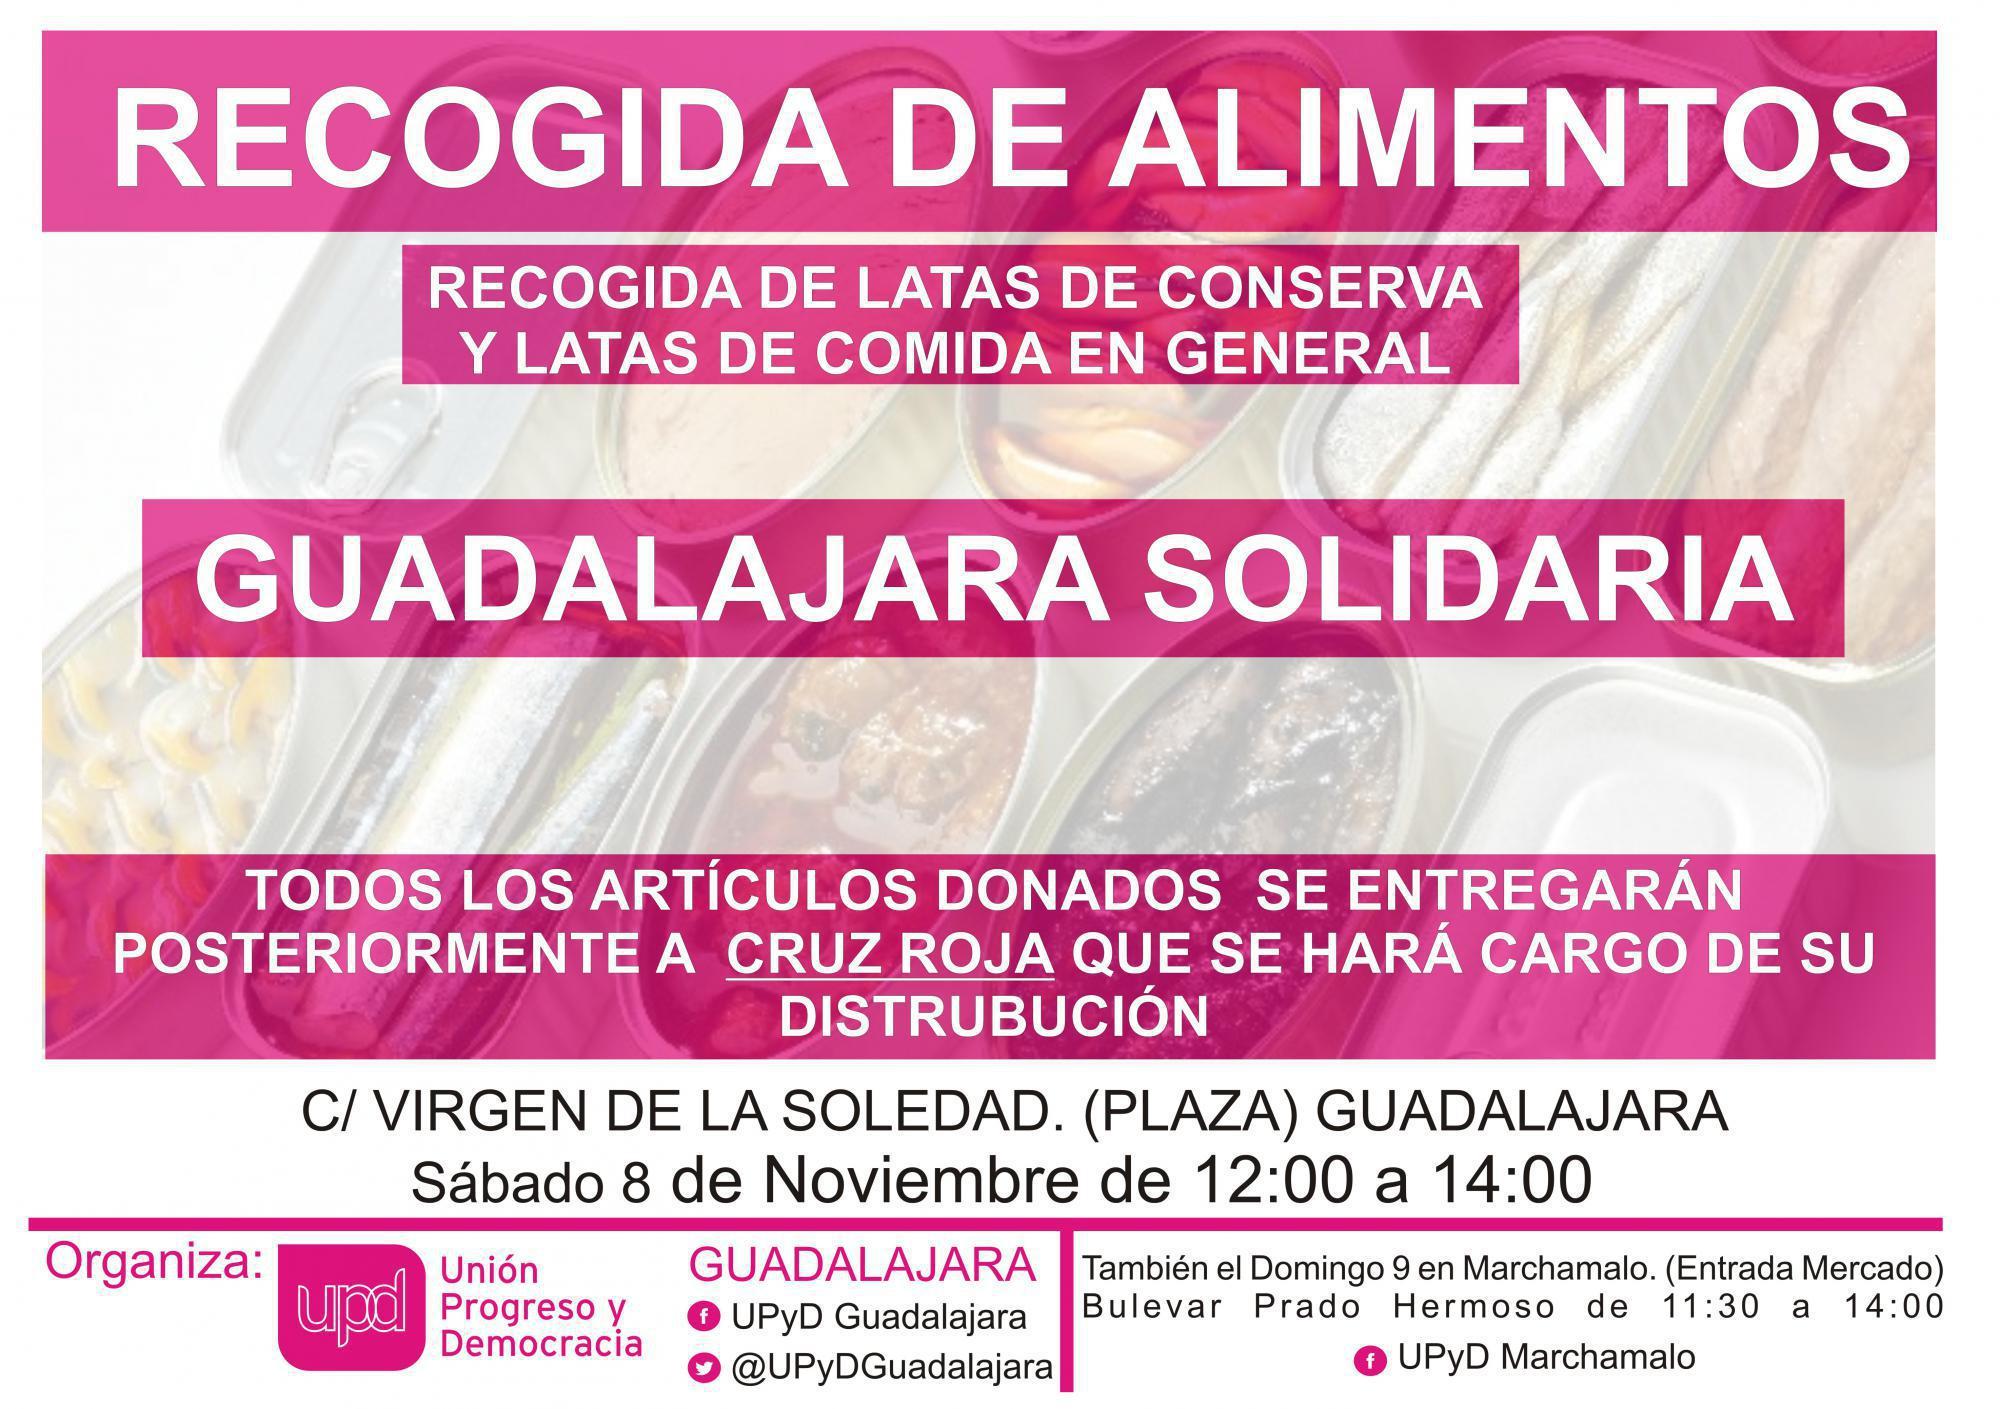 UPyD organiza la campaña de recogida Guadalajara Solidaria